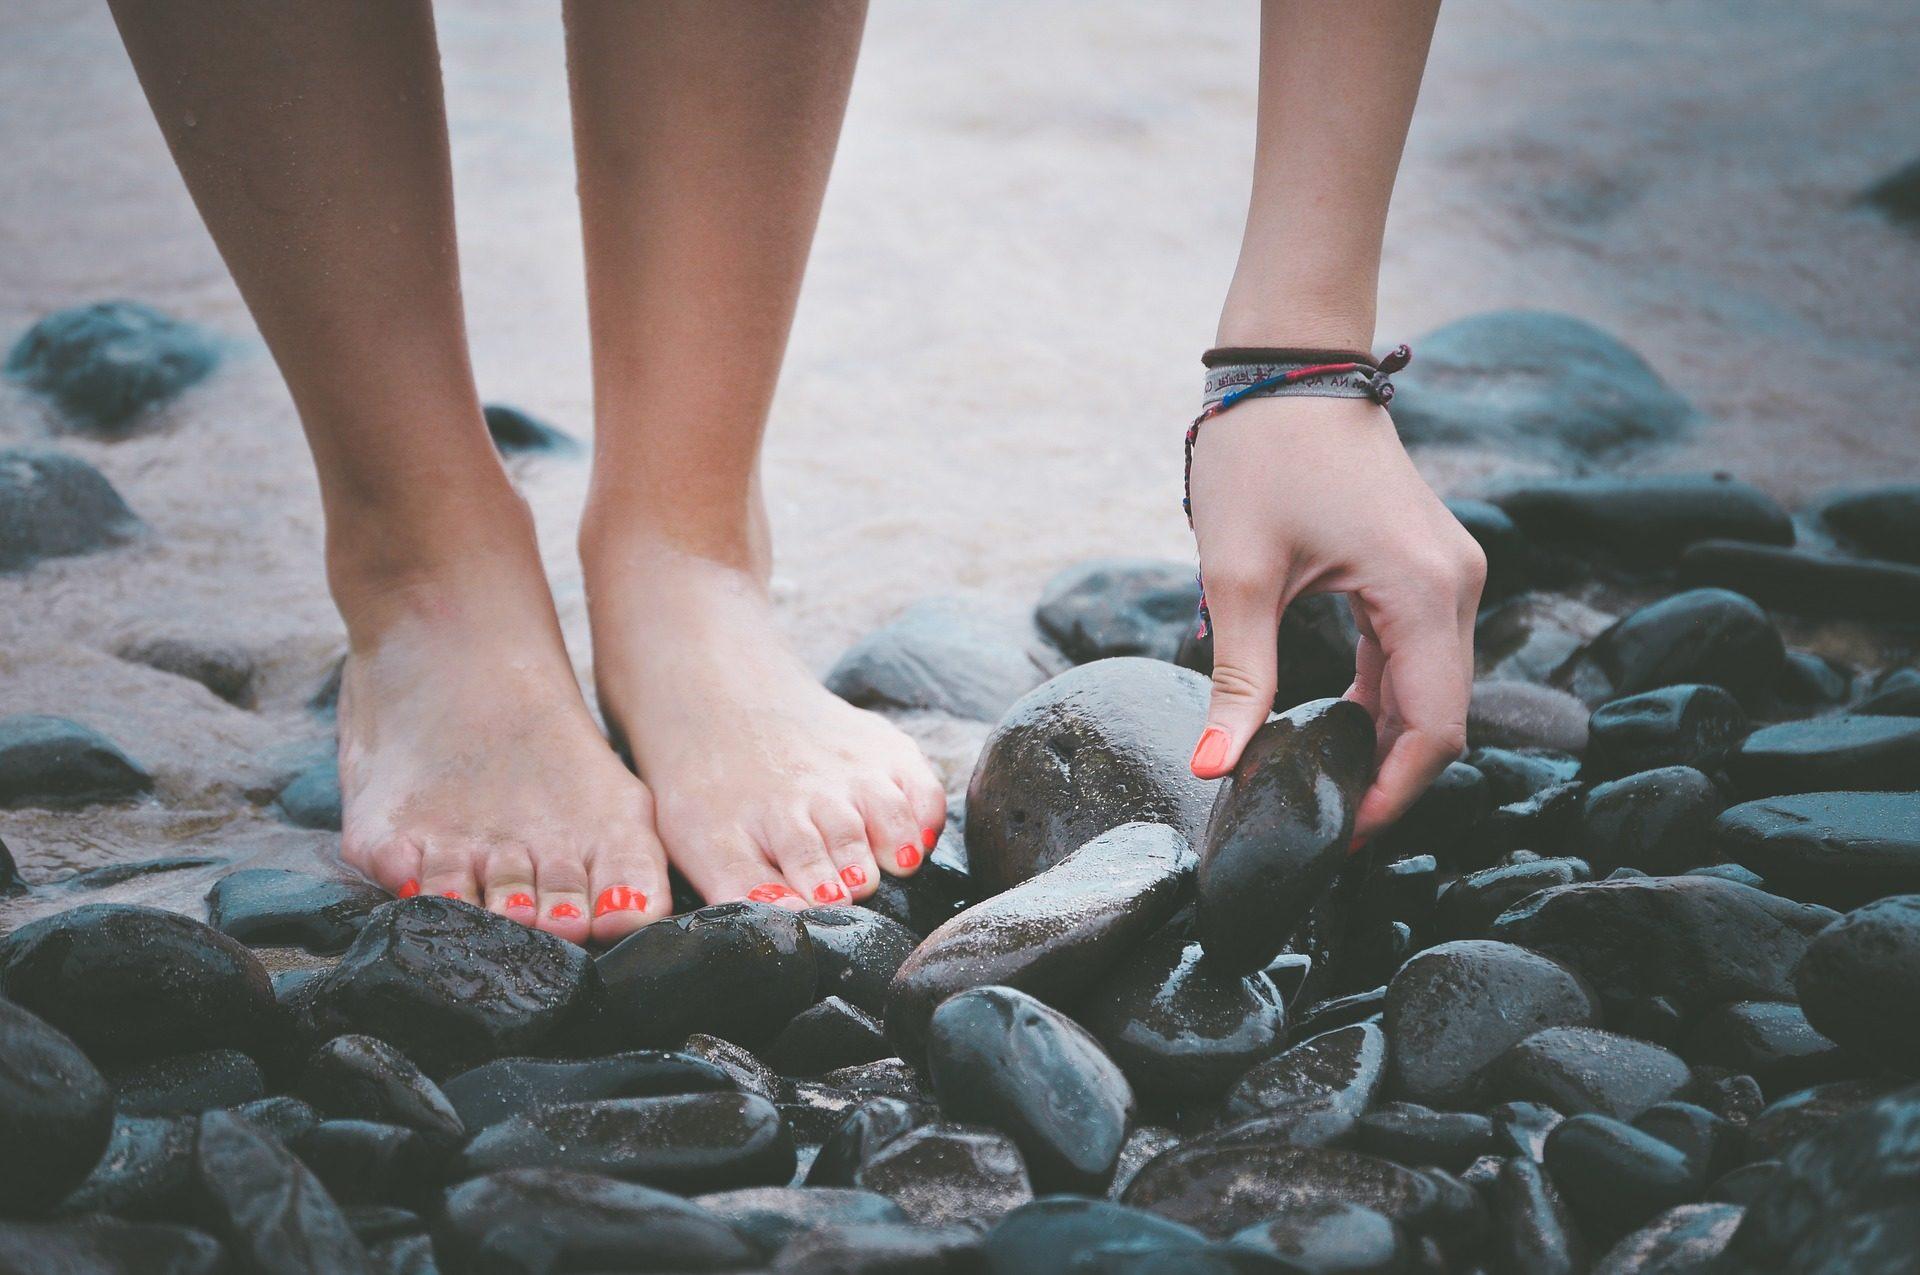 футов, камни, Пляж, Гвозди, живопись, женщина - Обои HD - Профессор falken.com